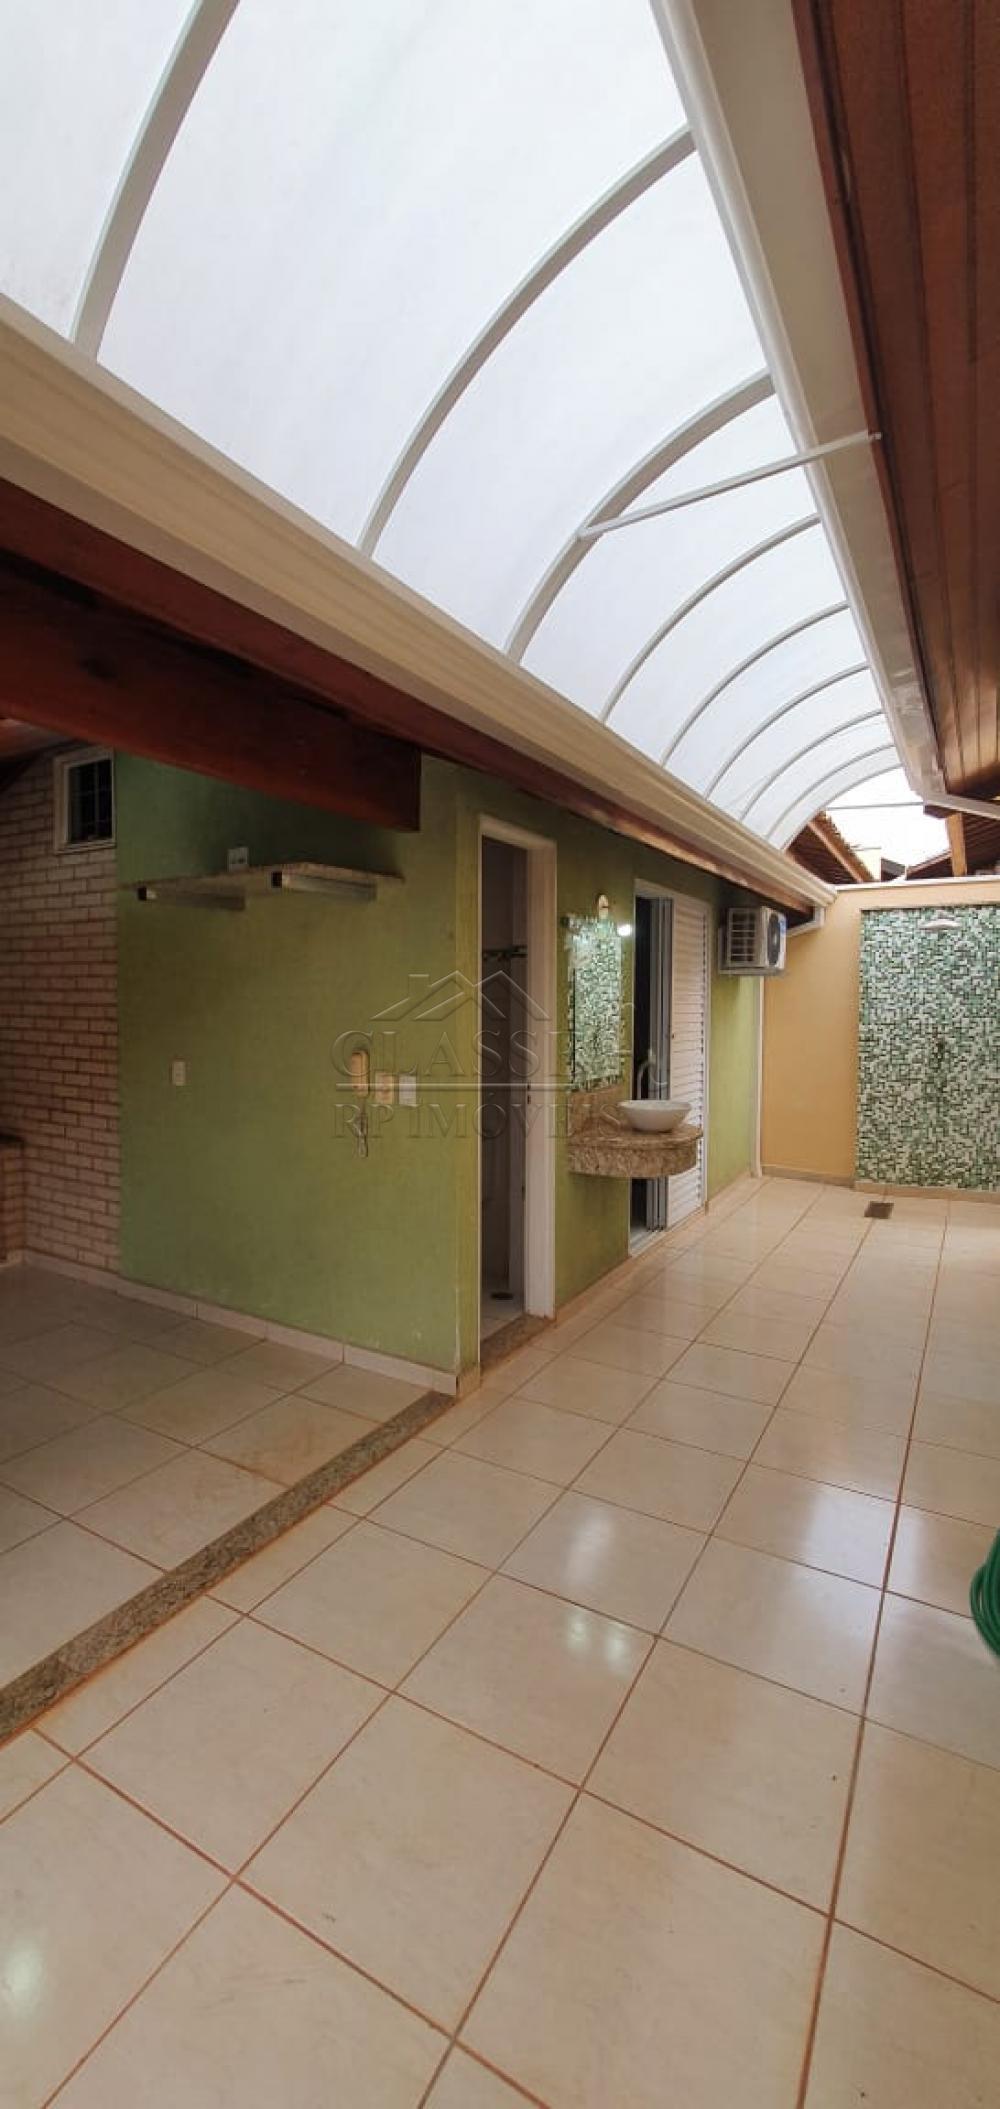 Comprar Casa / Condomínio - térrea em Ribeirão Preto R$ 650.000,00 - Foto 42